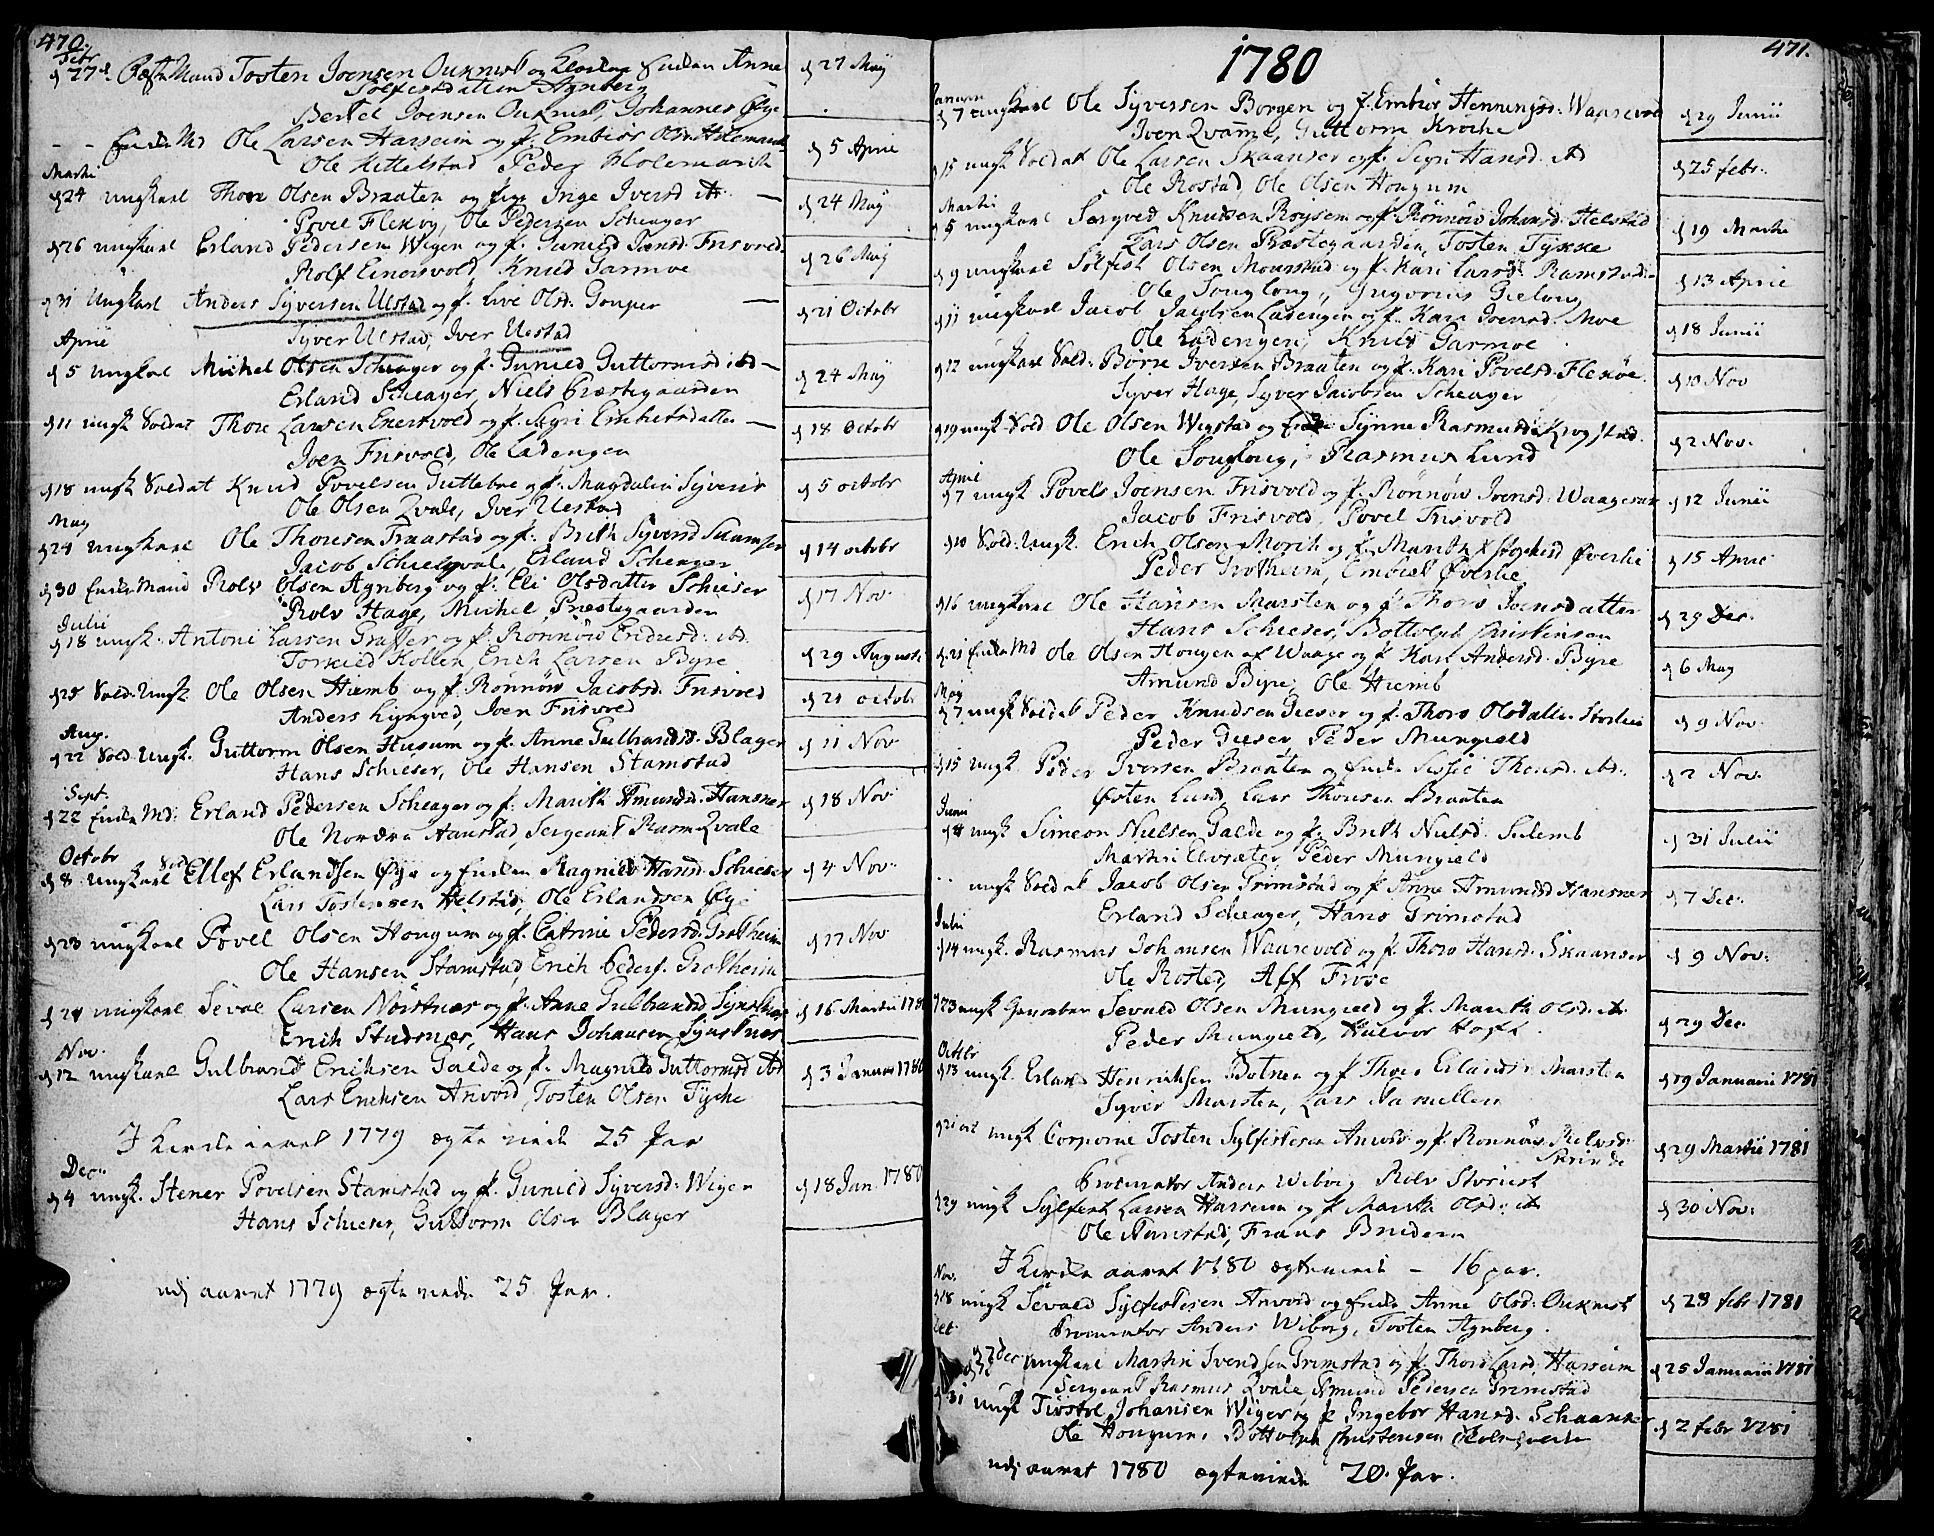 SAH, Lom prestekontor, K/L0002: Ministerialbok nr. 2, 1749-1801, s. 470-471